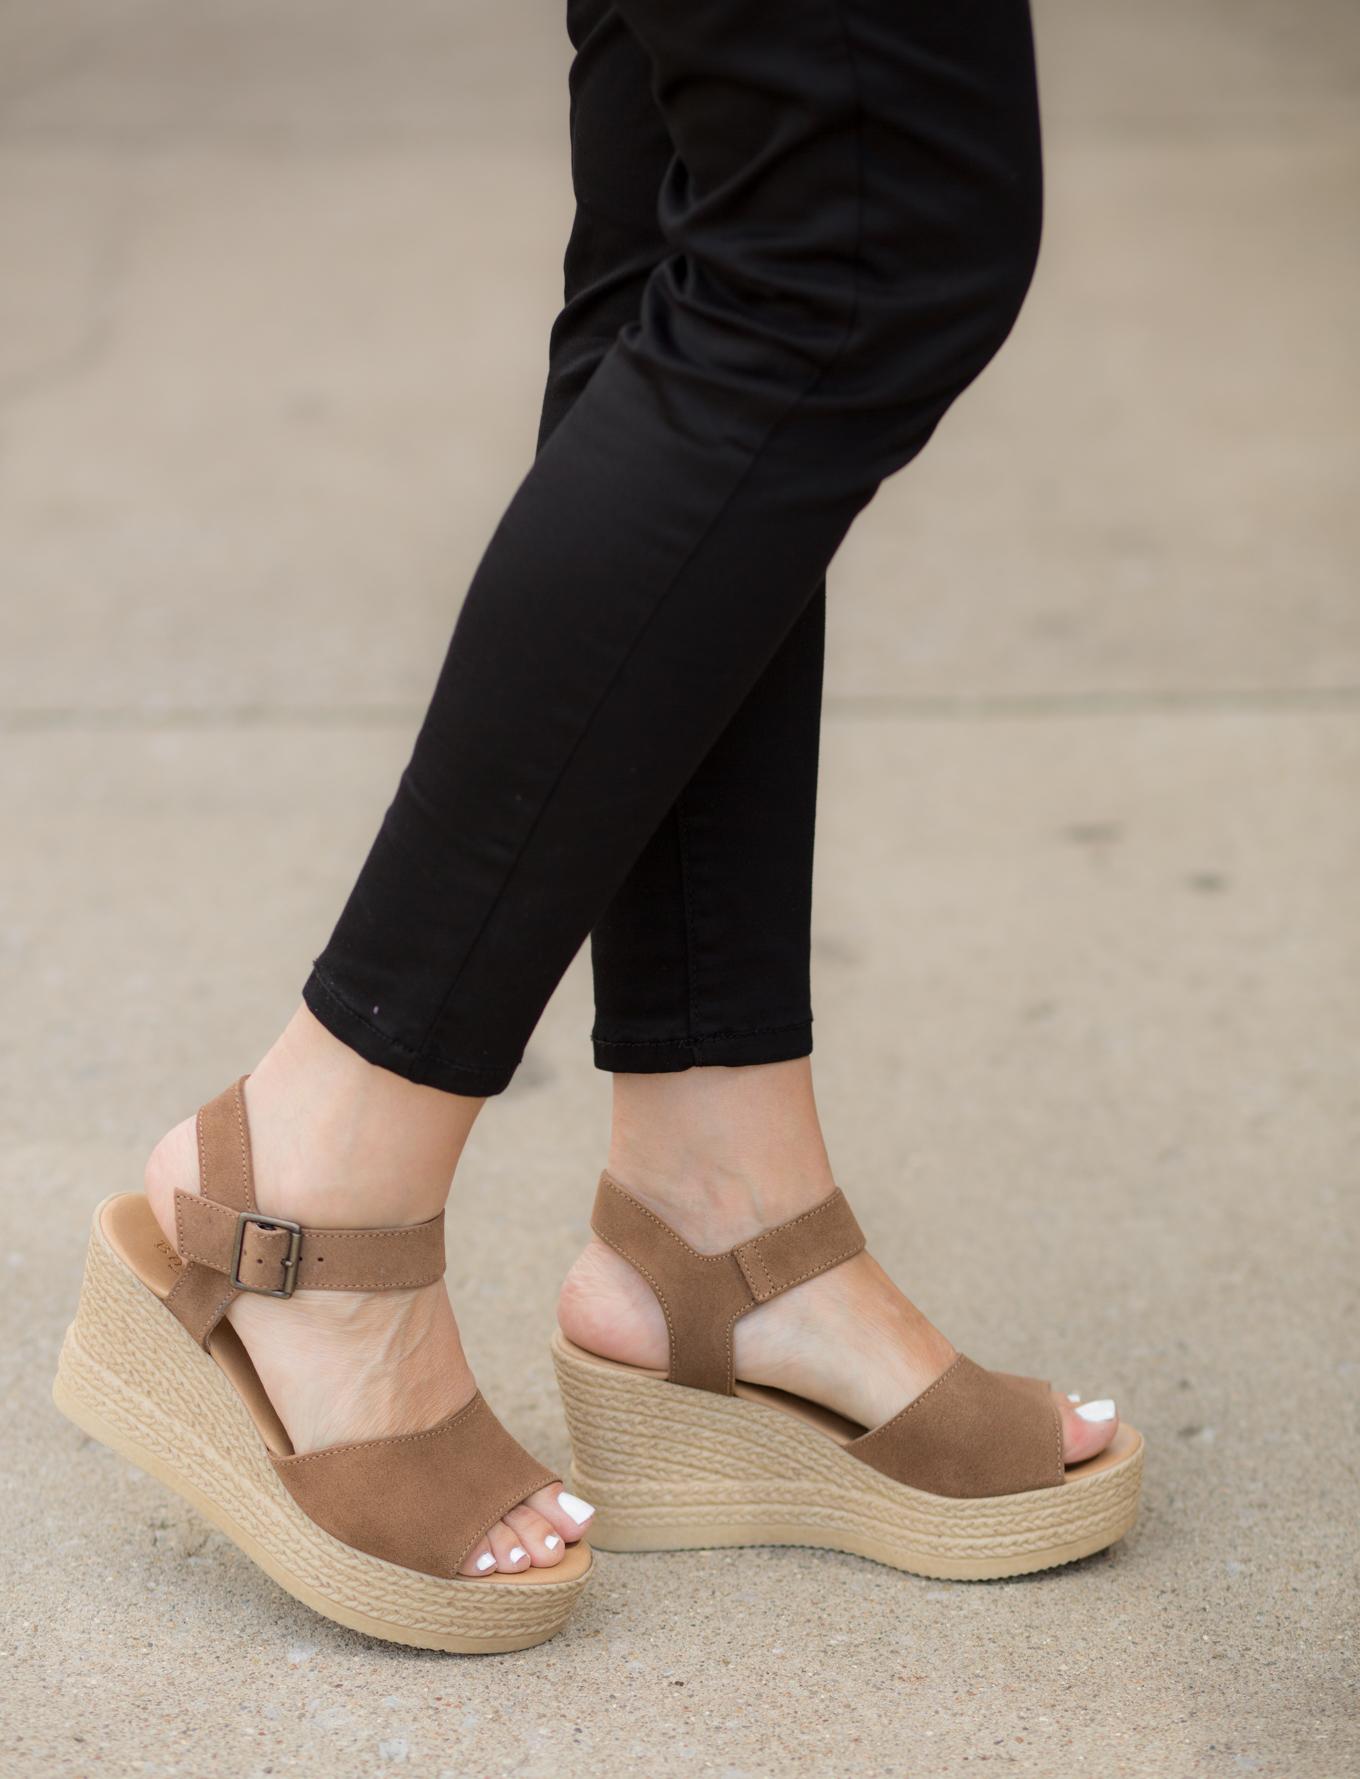 Floral Top + Black Jeans + Platform Sandal